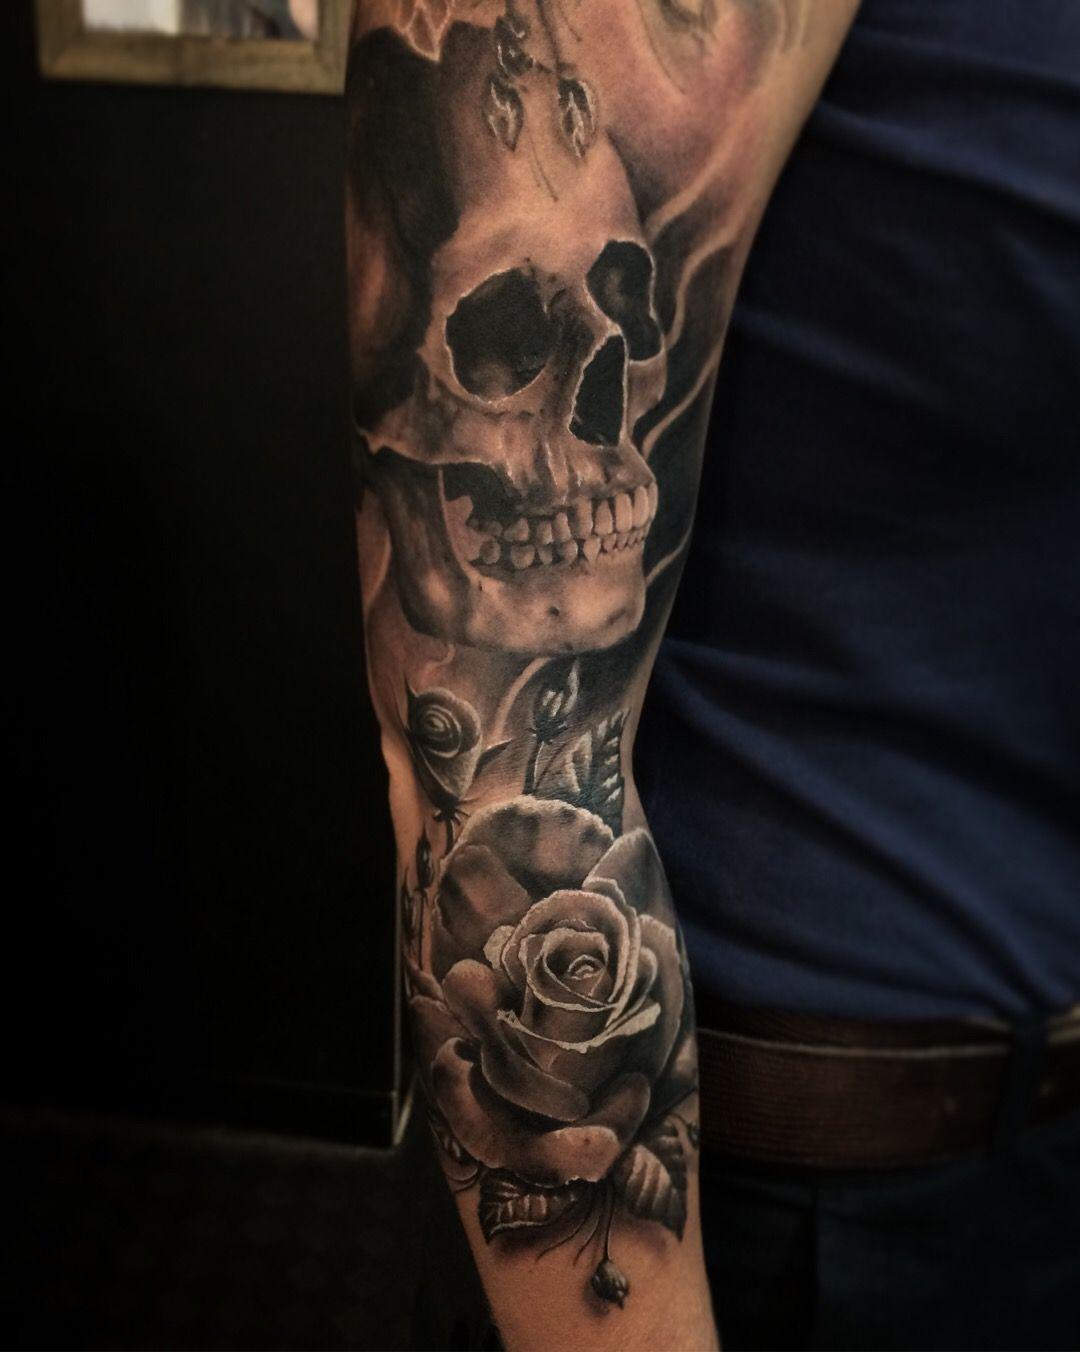 Tattoo tatuagem caveira Rosa flor skull rose